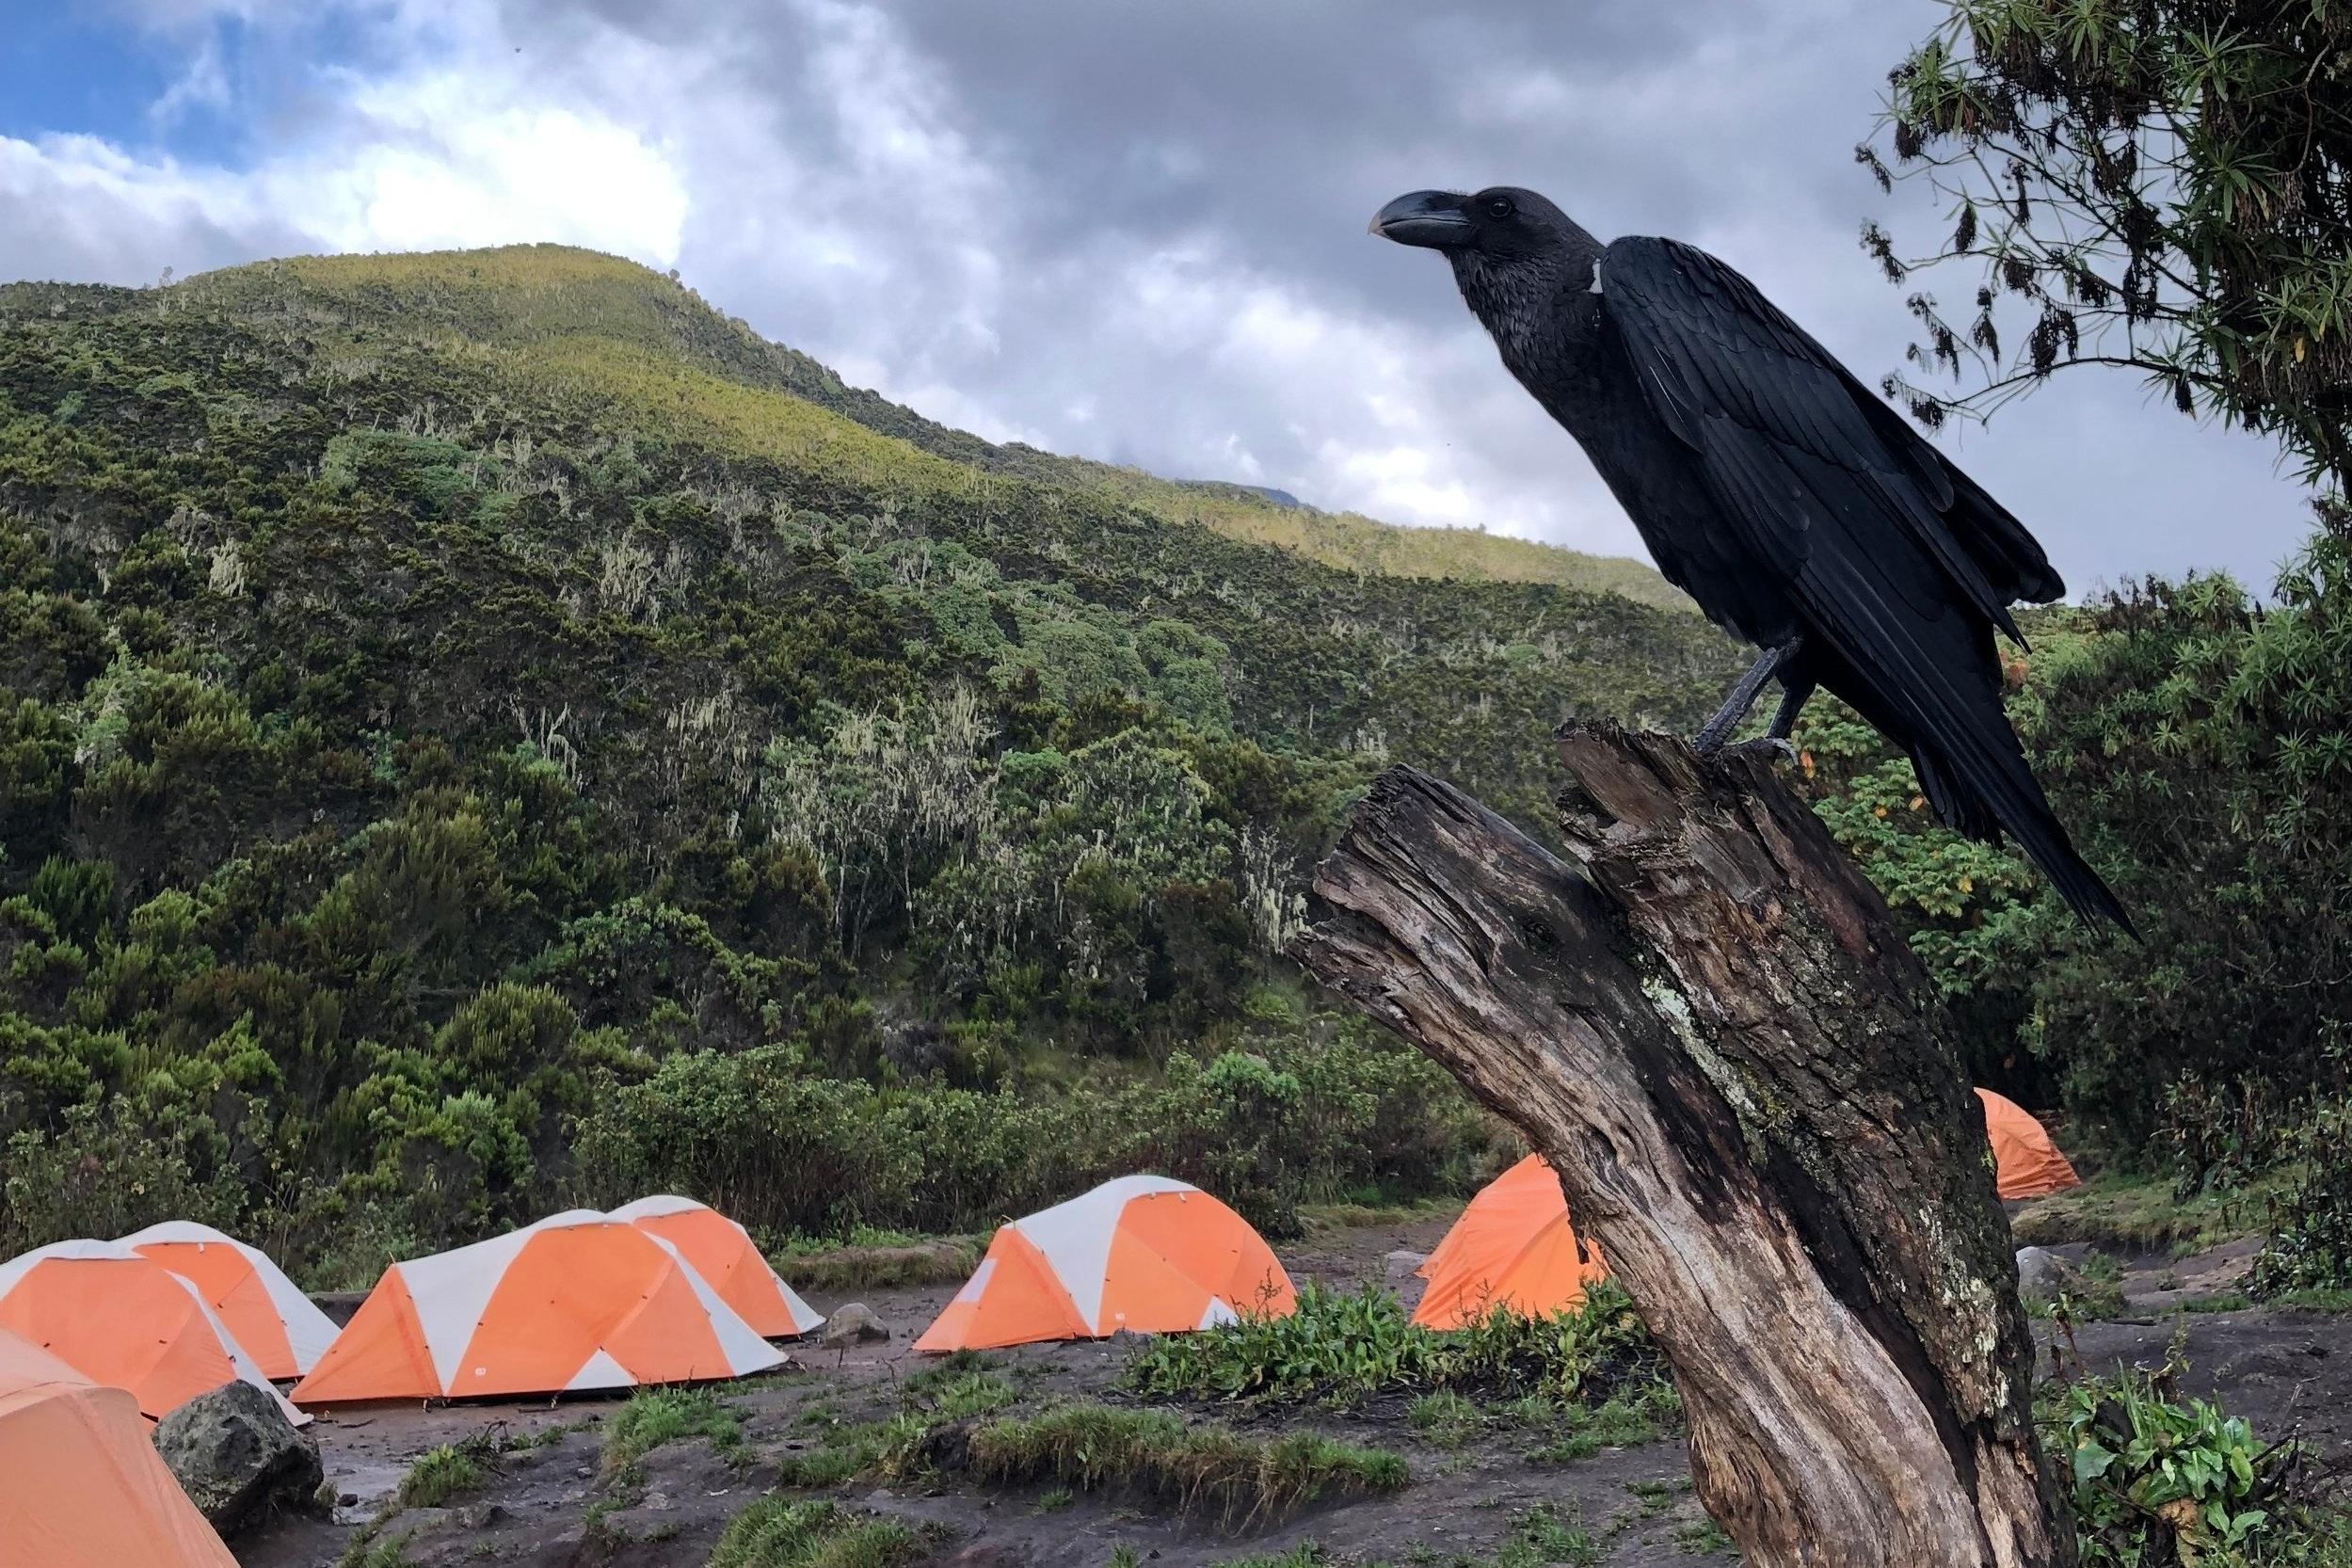 REISEBERICHT. - Der schriftliche Bericht über meine Wanderung auf den Gipfel des Kilimanjaros via Machame Route.